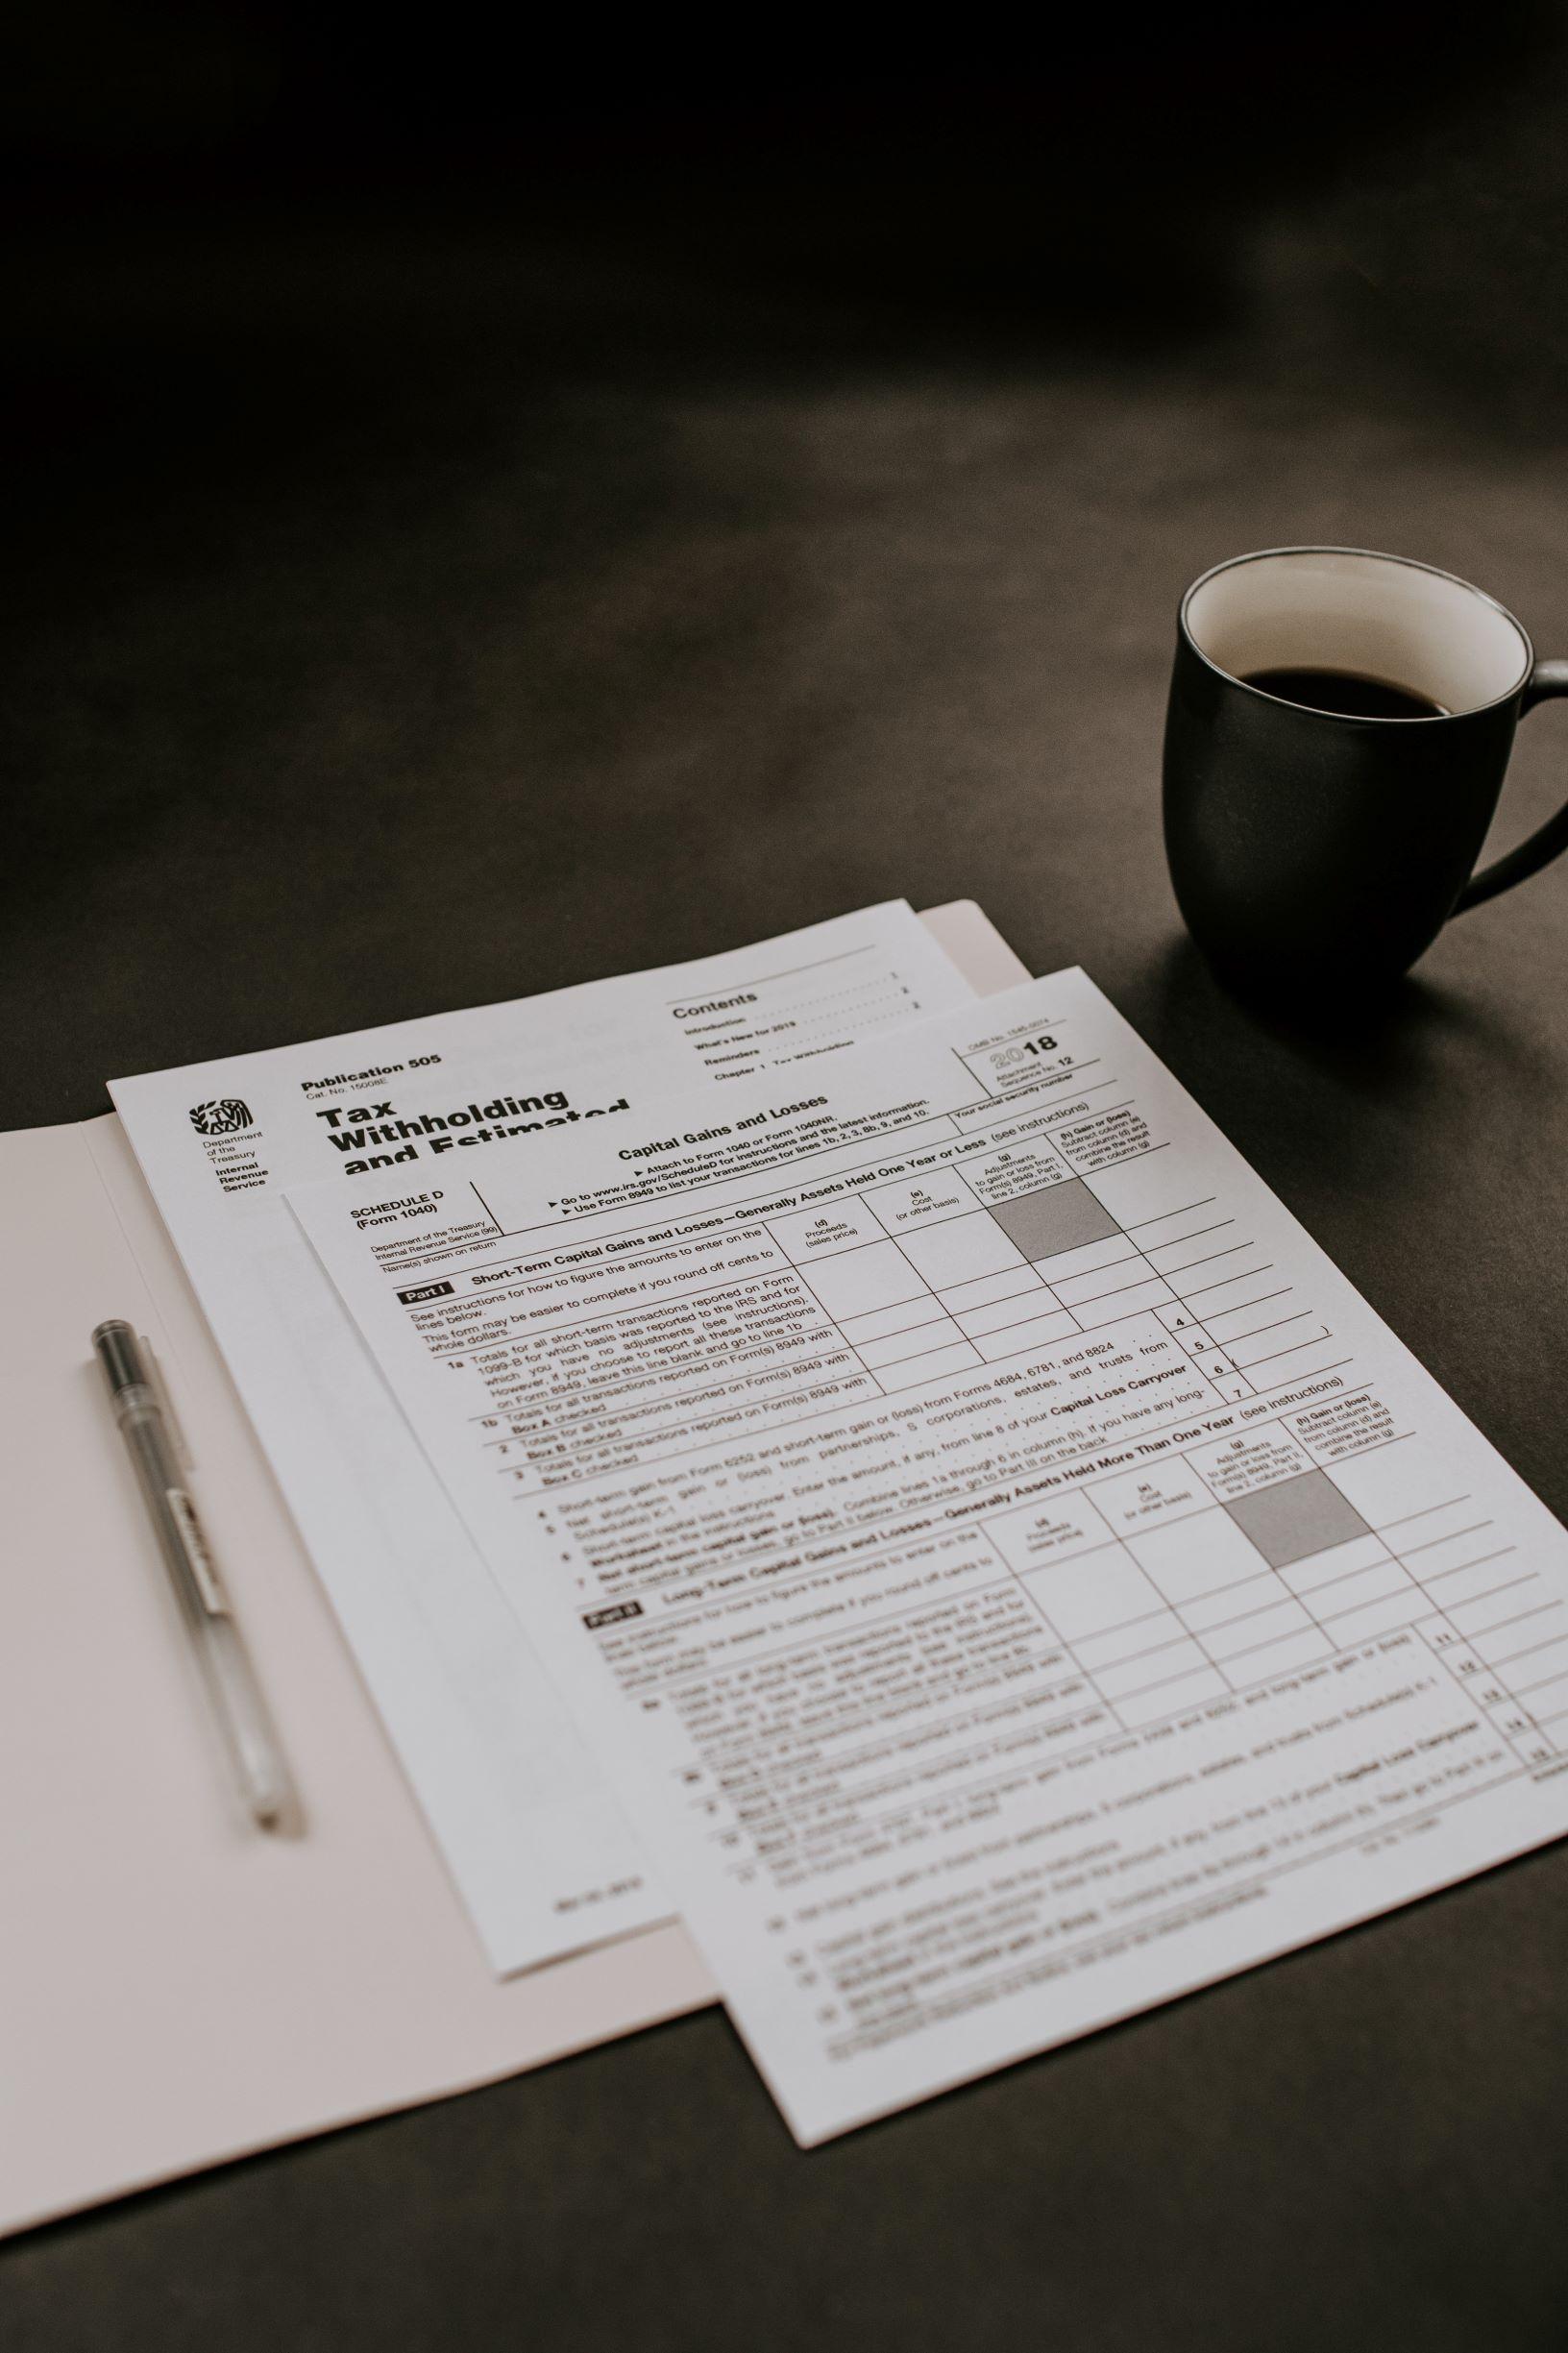 gần 60% doanh nghiệp nhỏ mới thành lập gặp vấn đề về kế toán